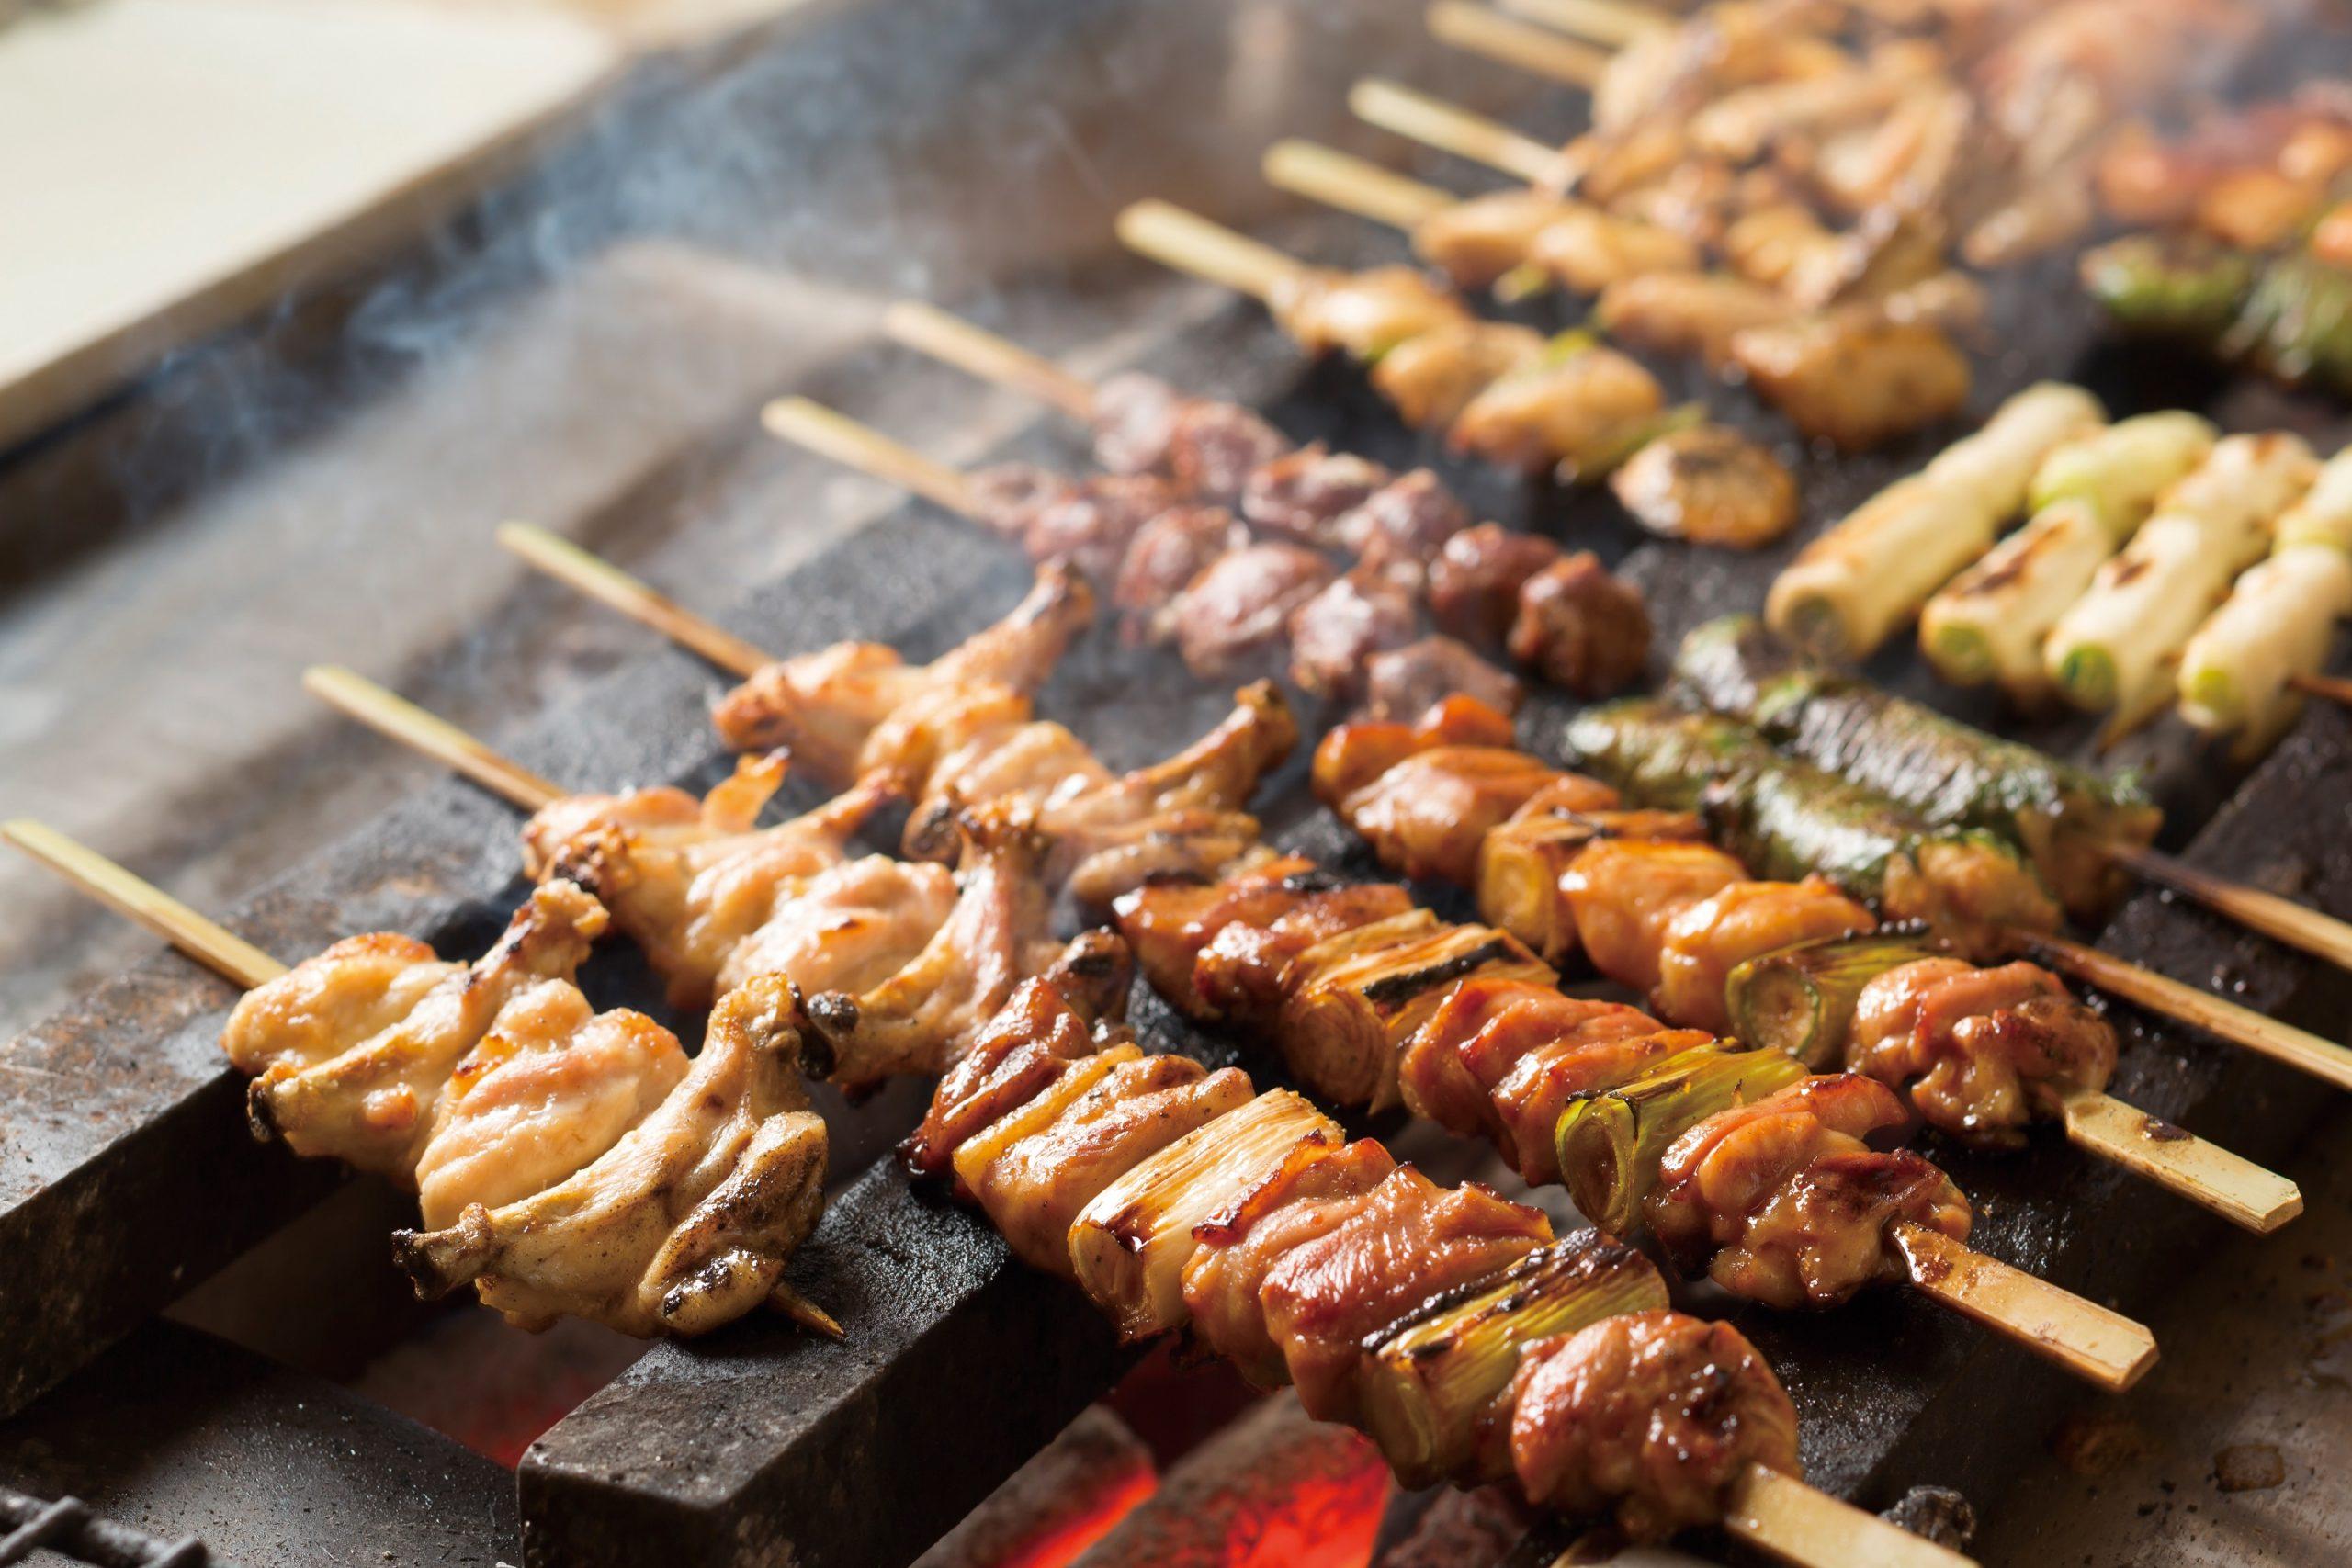 【父の日のプレゼントに食事券を】頑張るお父さんに贈りたい北海道の串焼&土鍋めし